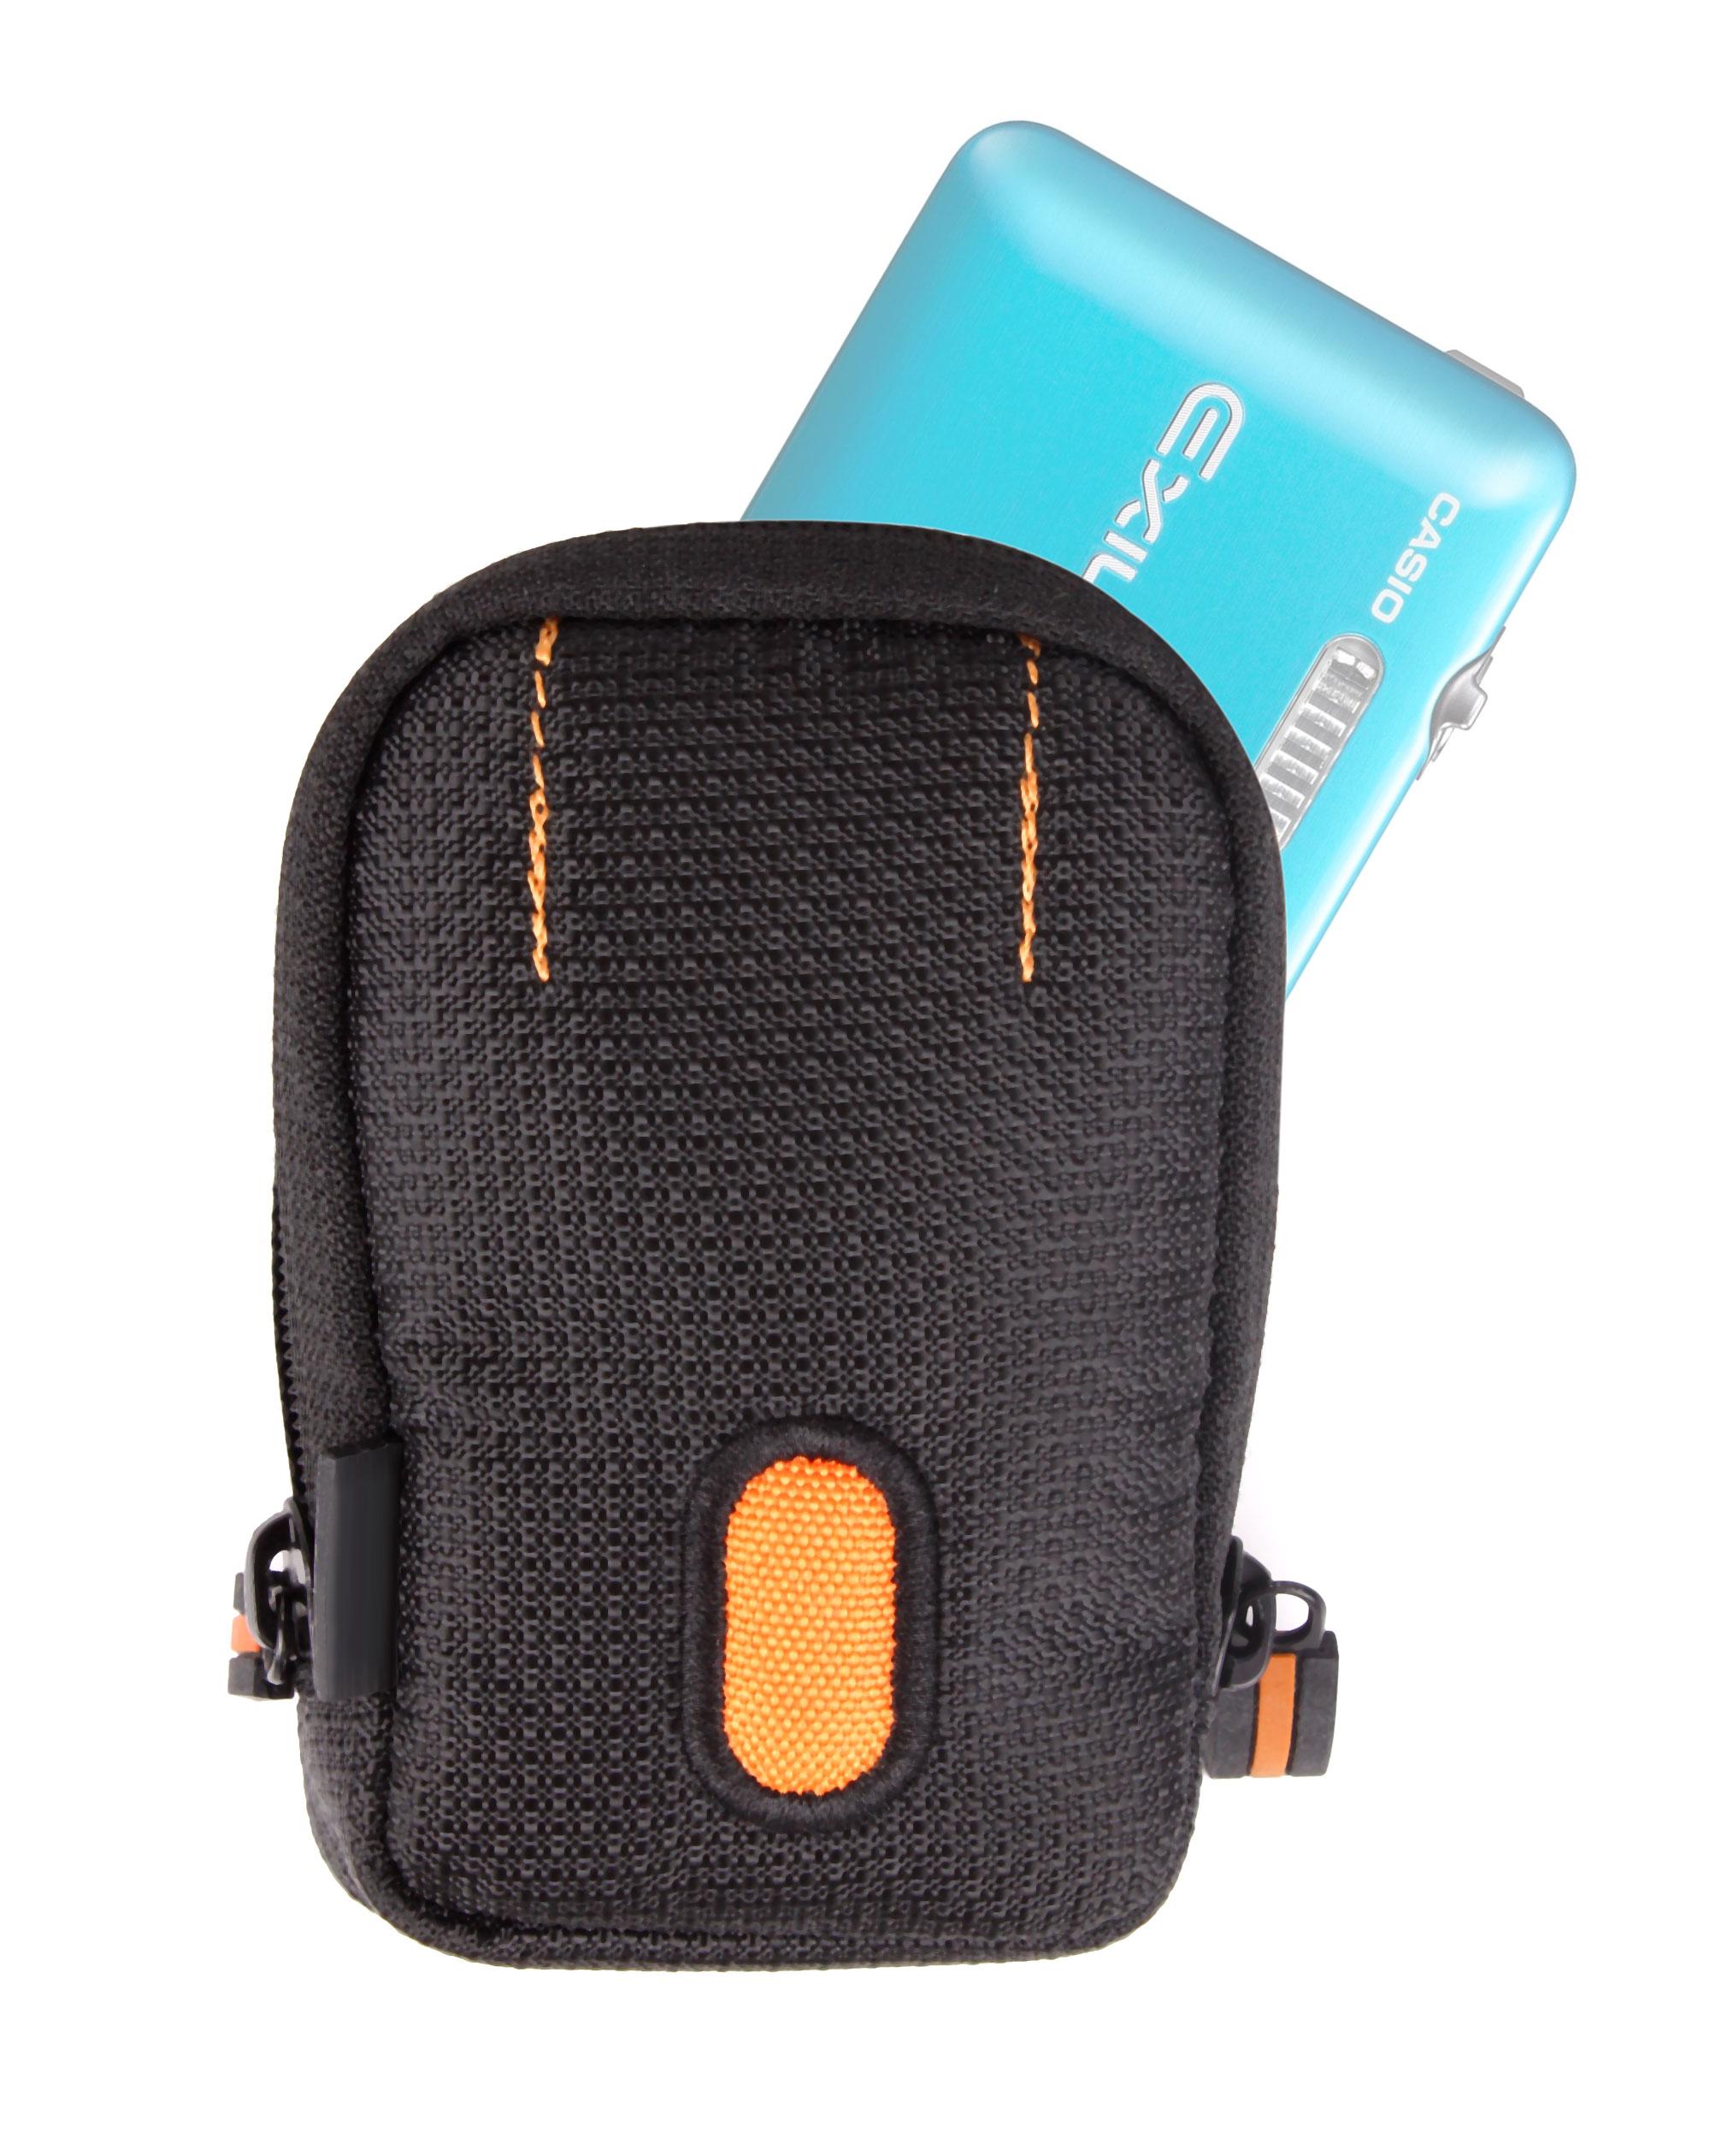 Petite housse tui noir orange pour nikon coolpix s02 for Housse appareil photo compact